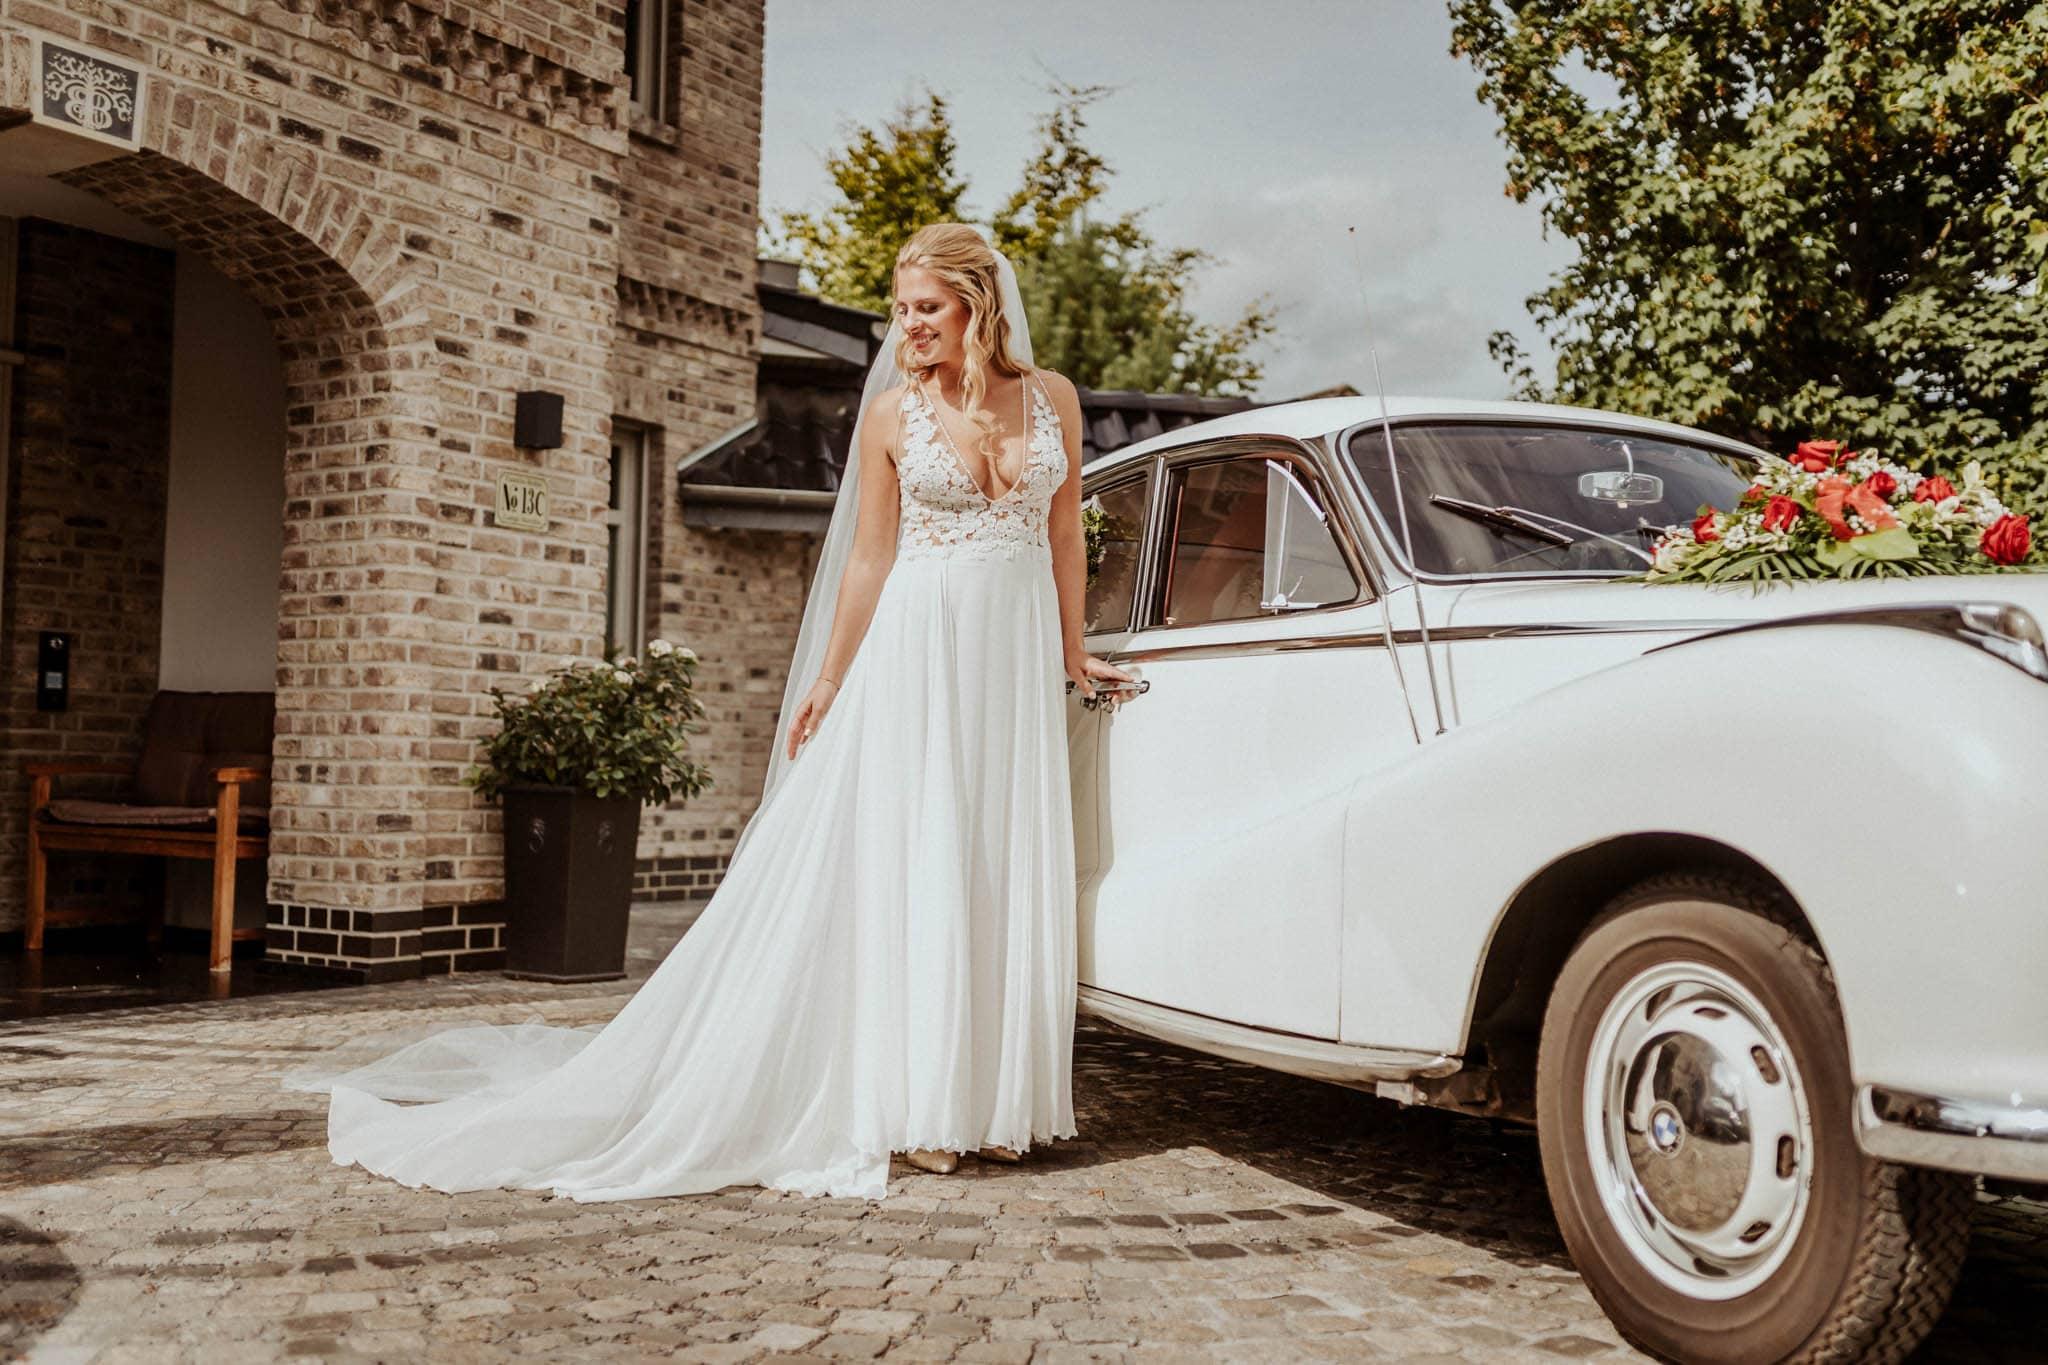 Hochzeitsfieber by Photo-Schomburg, Hochzeitsfotograf, Hamburg, Bremen, Hochzeitstag, Hochzeitspaar, Braut, Bräutigam, Bremen-Kränholm,Knoops Park-56